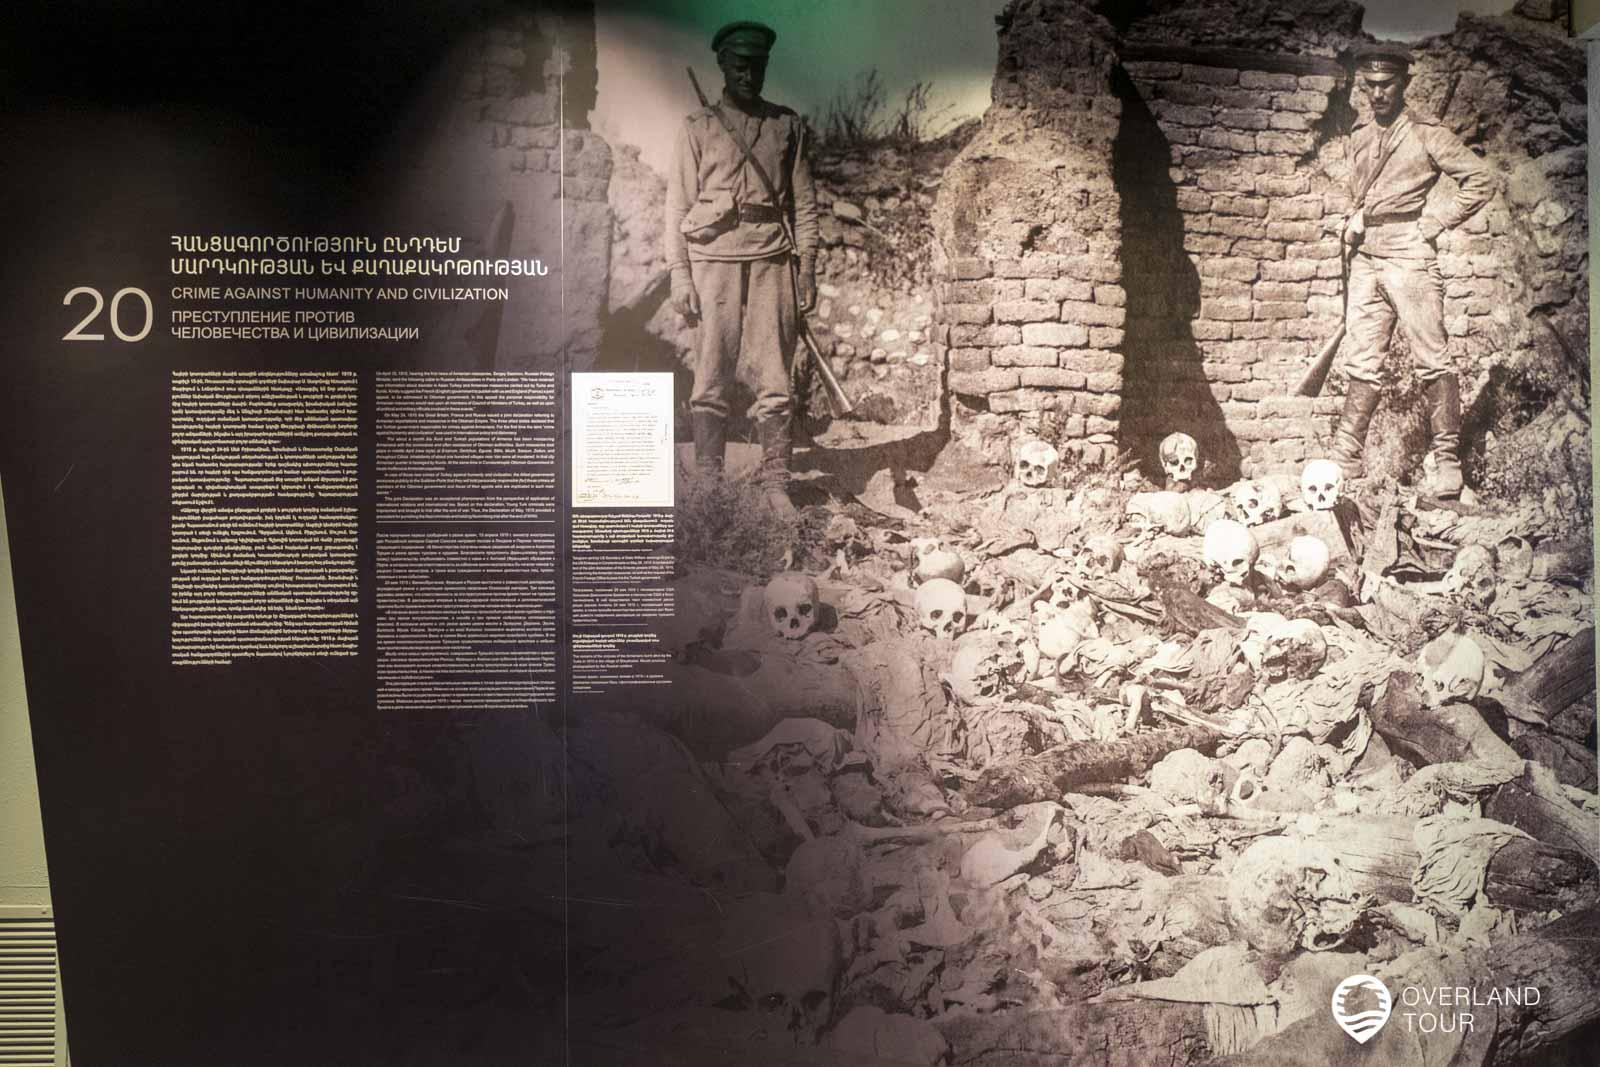 Es gibt viele Bilder aus der Zeit in der Austellung des Genozid Museum in Jerewan